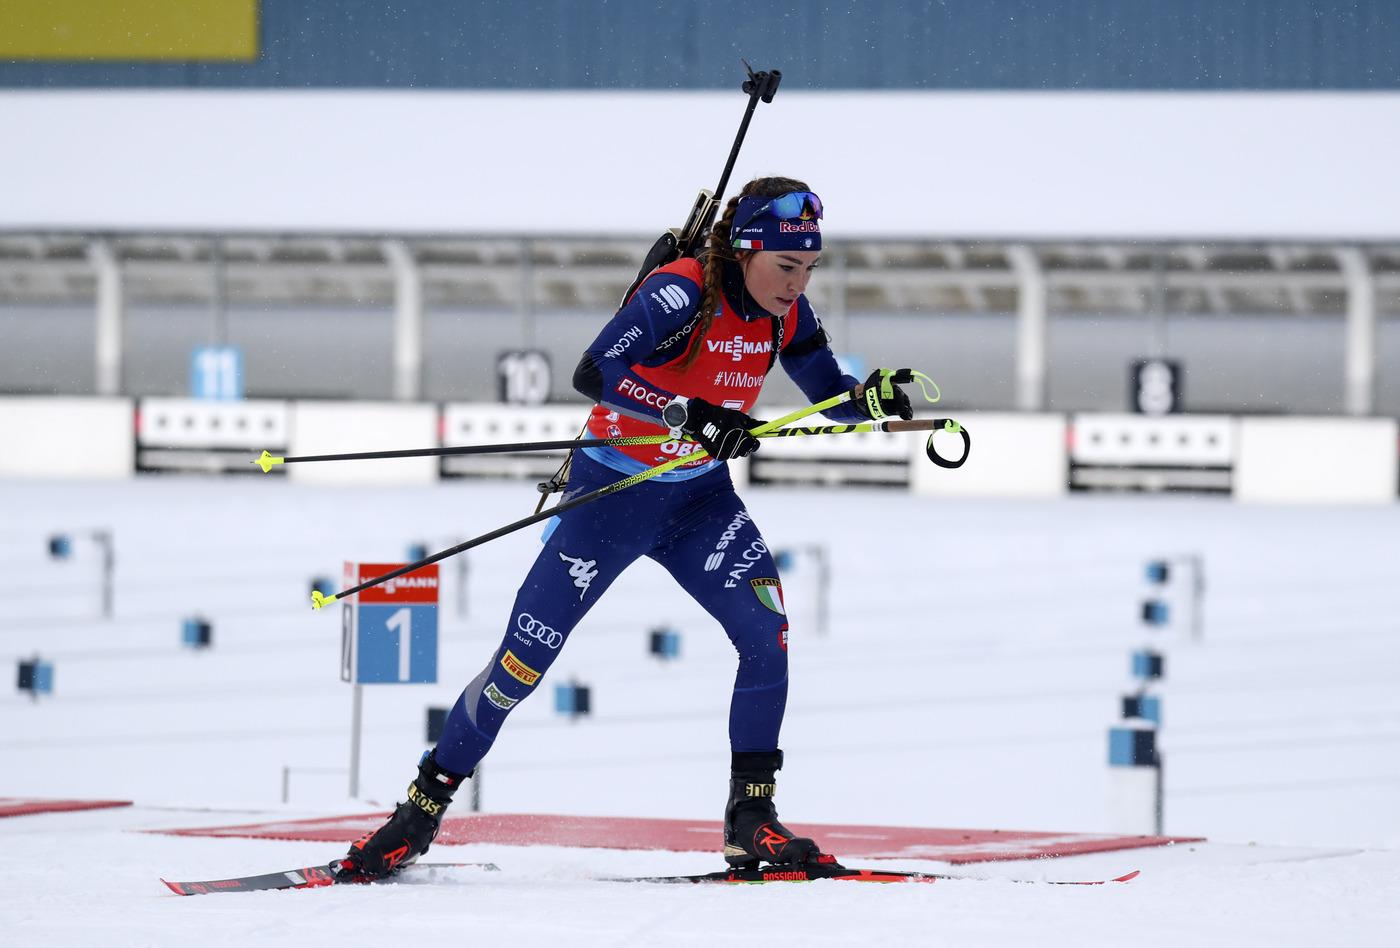 LIVE Biathlon, 15 km Anterselva in DIRETTA: Dorothea Wierer insegue il podio nell'individuale